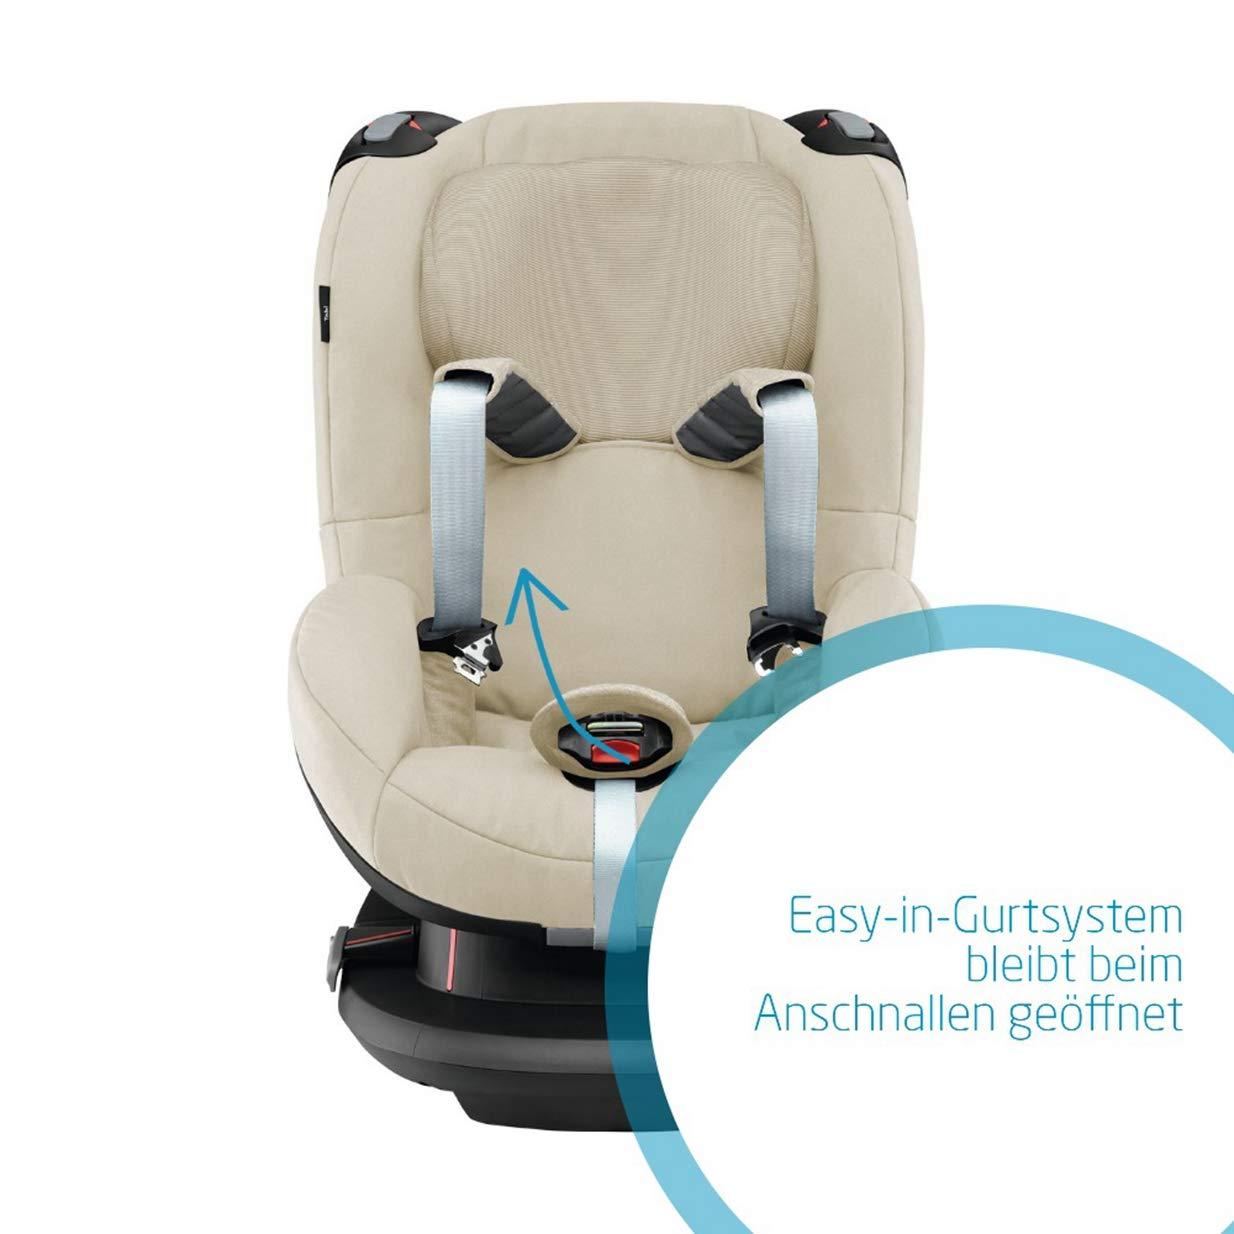 grau Maxi-Cosi Tobi Kleinkinder-Autositz Installation mit Sicherheitsgurt 9-18 kg 9 Monate 4 Jahre Authentic Grey